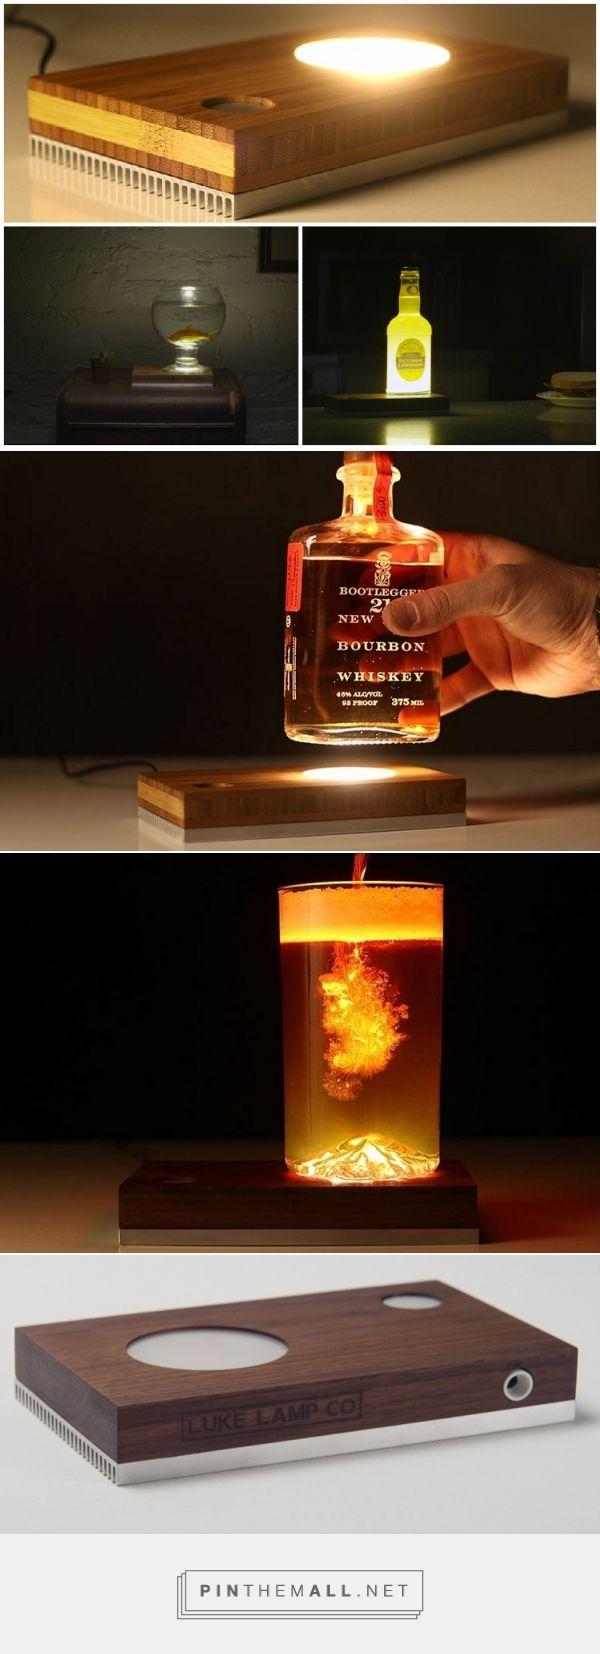 아빠를 위한 아이템  Baselamp - Make Your Own DIY LED Desk Lamp | Modern & Vintage | iD Lights - created via https://pinthemall.net